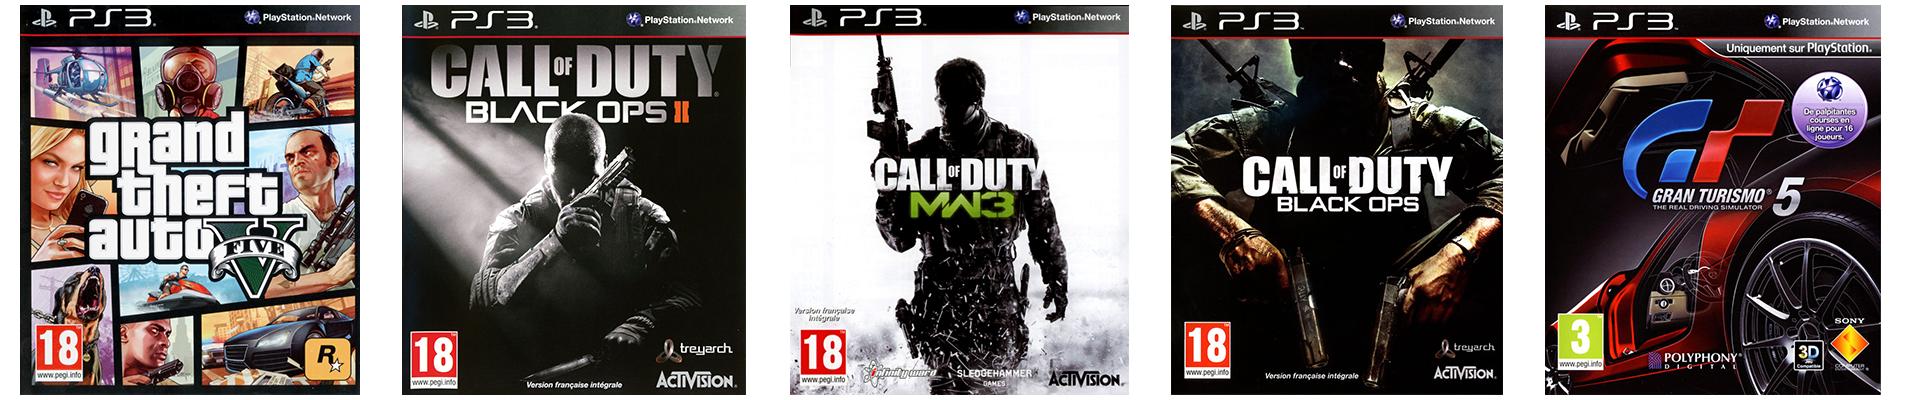 Les 5 Jeux les plus Vendus sur la PS3